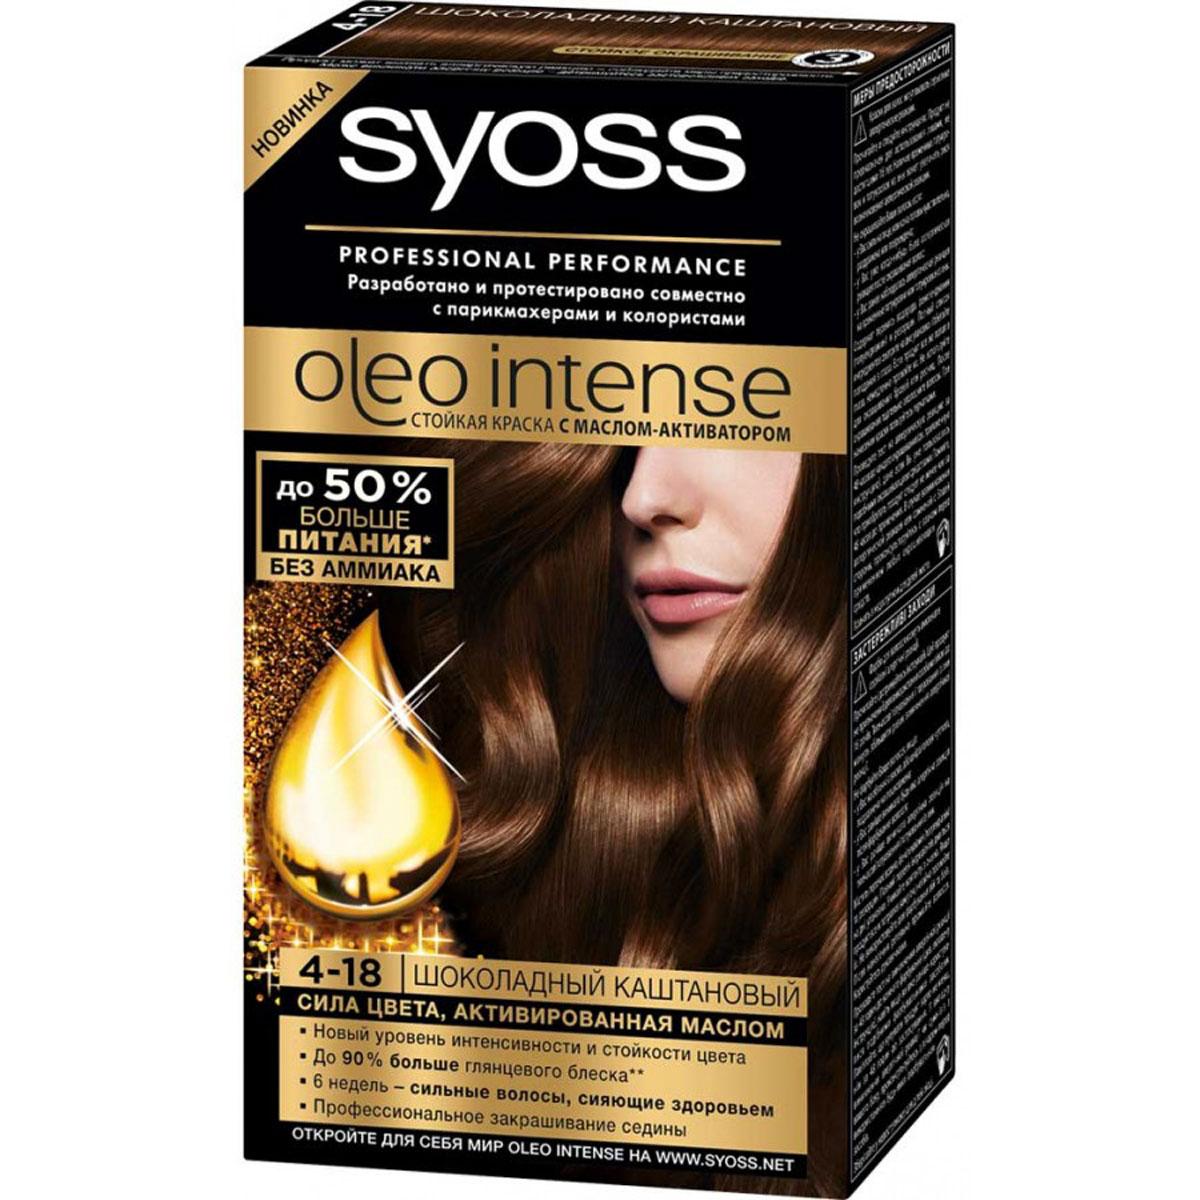 Syoss Краска для волос Oleo Intense, 4-18. Шоколадный каштановыйFS-00897Краска для волос Syoss Oleo Intense - первая стойкая крем-маска на основе масла-активатора, без аммиака и со 100% чистыми маслами - для высокой интенсивности и стойкости цвета, профессионального закрашивания седины и до 90% больше блеска. Насыщенная формула крем-масла наносится без подтеков. 100% чистые масла работают как усилитель цвета: технология Oleo Intense использует силу и свойство масел максимизировать действие красителя. Абсолютно без аммиака, для оптимального комфорта кожи головы. Одновременно краска обеспечивает экстра-восстановление волос питательными маслами, делая волосы до 40% более мягкими. Волосы выглядят здоровыми и сильными 6 недель. Характеристики: Номер краски: 4-18. Цвет: шоколадный каштановый. Степень стойкости: 3 (обеспечивает стойкое окрашивание). Объем тюбика с окрашивающим кремом: 50 мл. Объем флакона-аппликатора с проявляющей эмульсией: 50 мл. Объем кондиционера: 15 мл. Производитель: Германия. В комплекте: 1 тюбик с ухаживающим окрашивающим кремом, 1 флакон-аппликатор с проявителем, 1 саше с кондиционером, 1 пара перчаток, инструкция по применению. Товар сертифицирован.ВНИМАНИЕ! Продукт может вызвать аллергическую реакцию, которая в редких случаях может нанести серьезный вред вашему здоровью. Проконсультируйтесь с врачом-специалистом передприменениемлюбых окрашивающих средств.